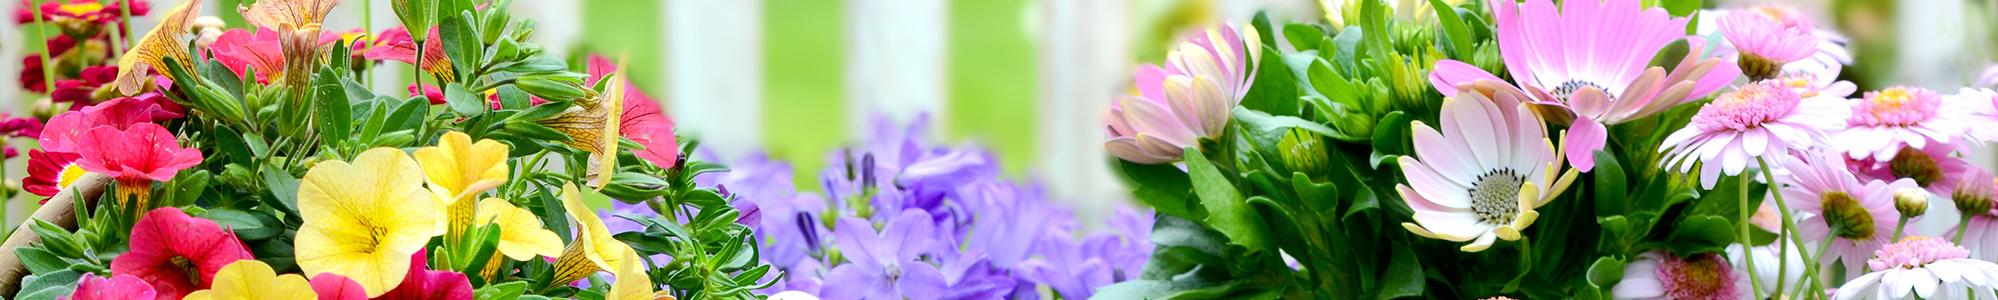 Abbildung bunte Blumen